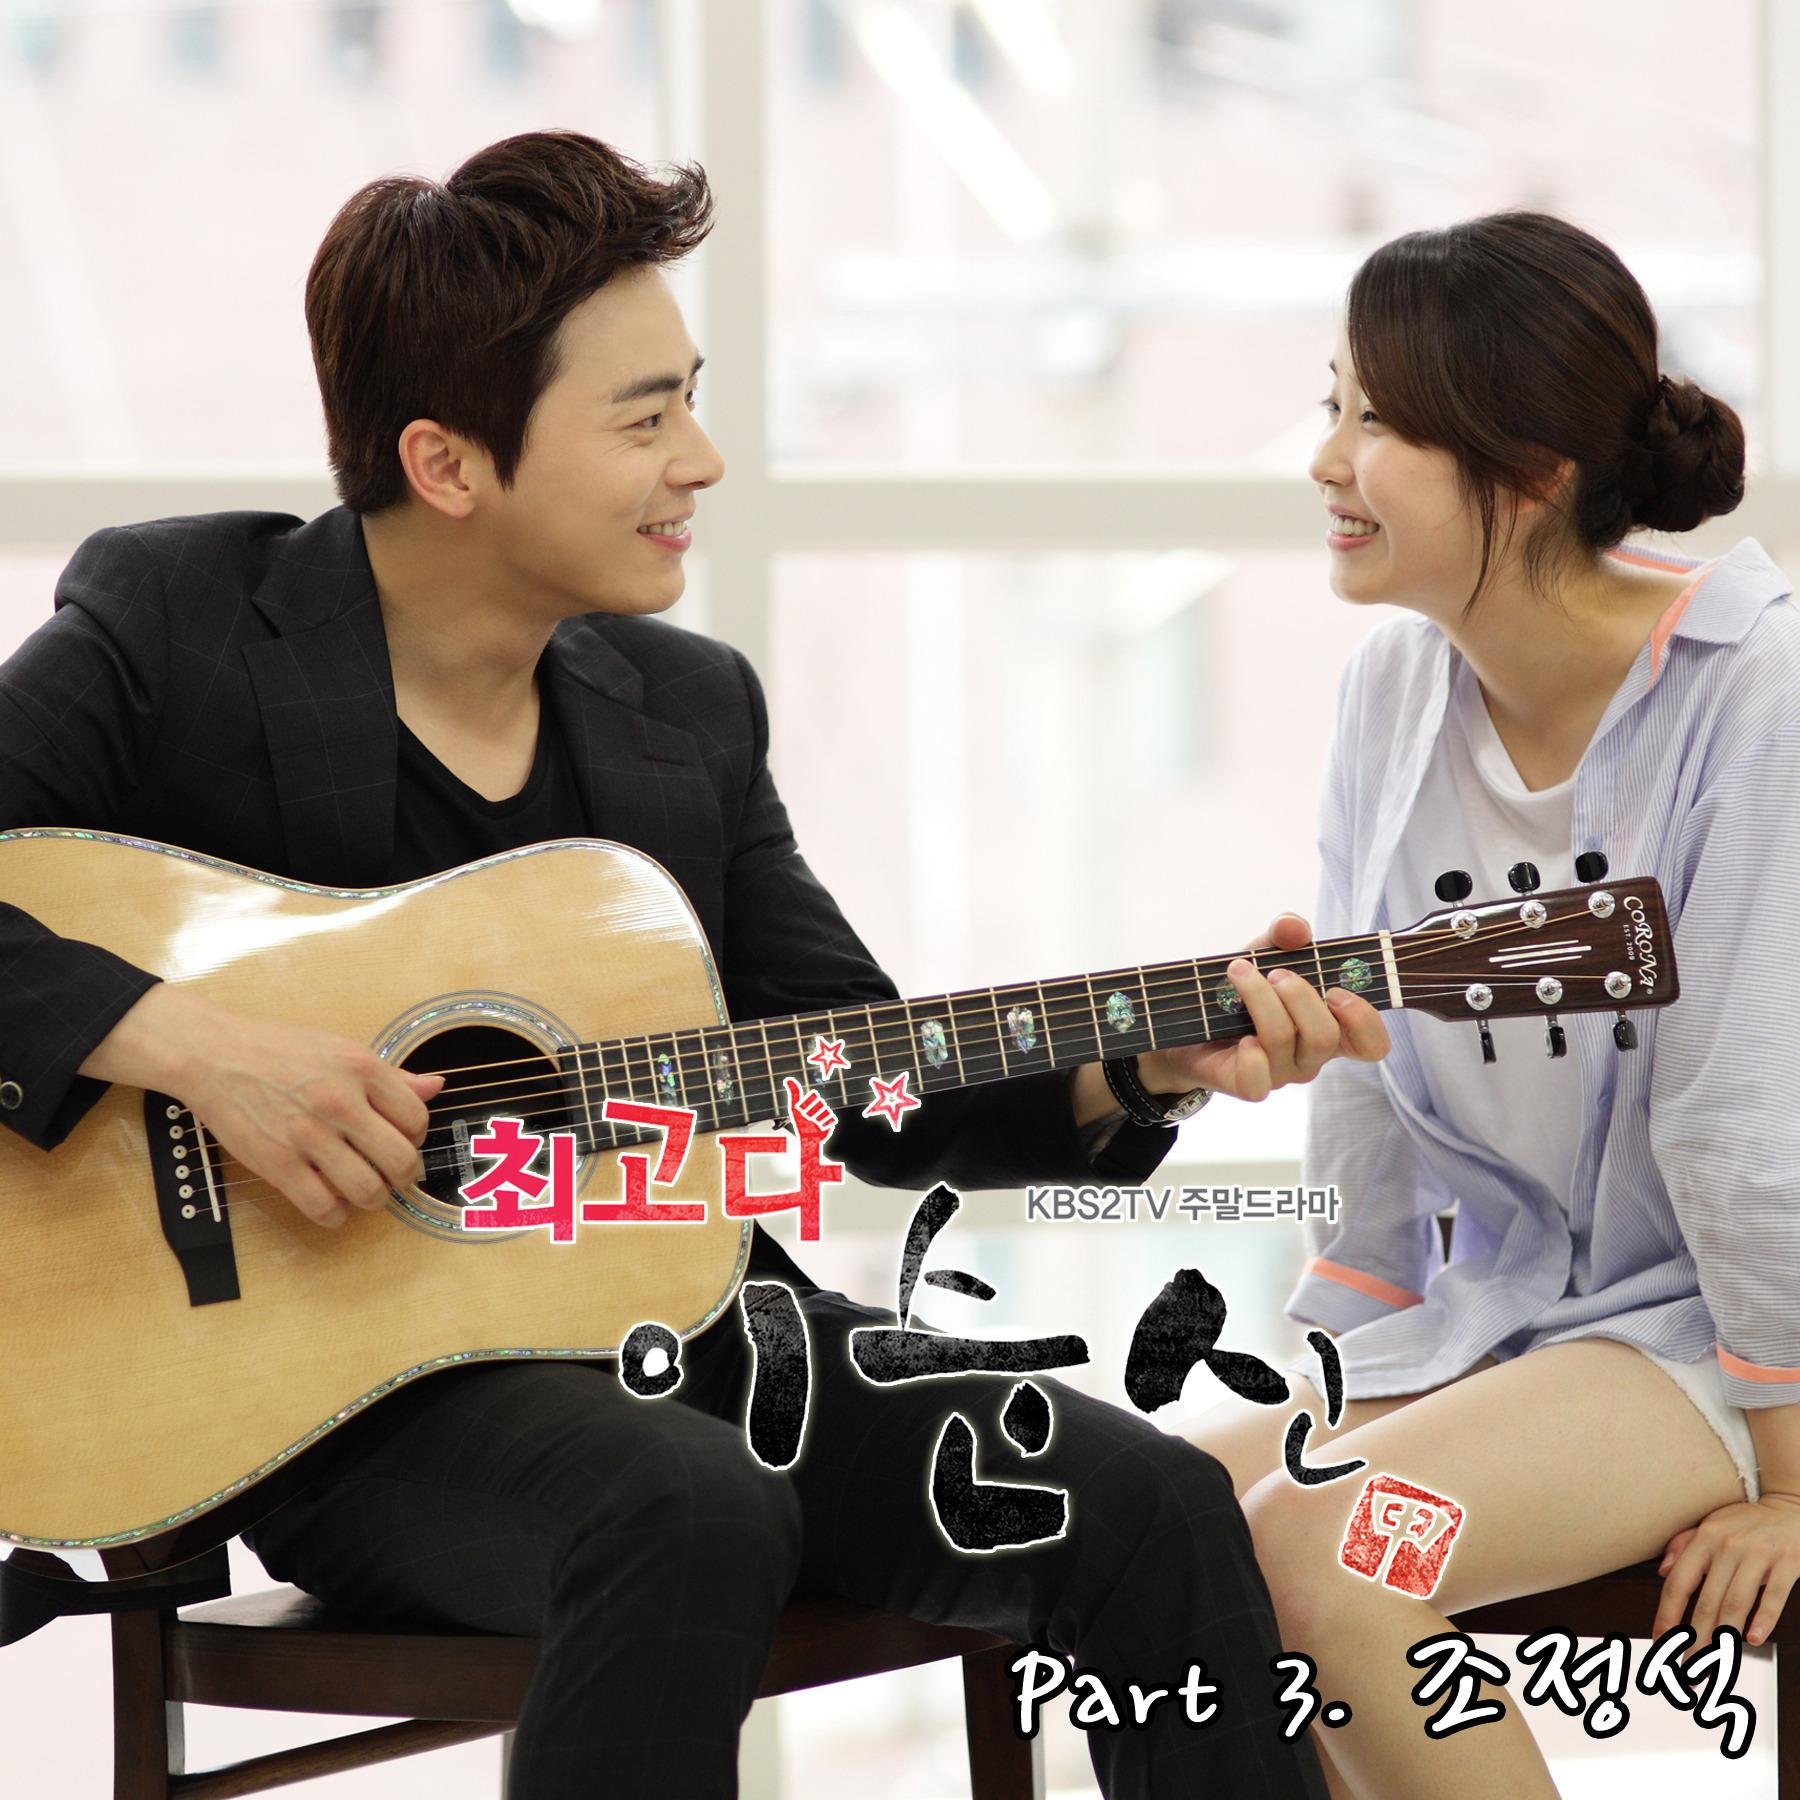 최고다 이순신 Part. 3 (KBS2 주말드라마) 앨범정보